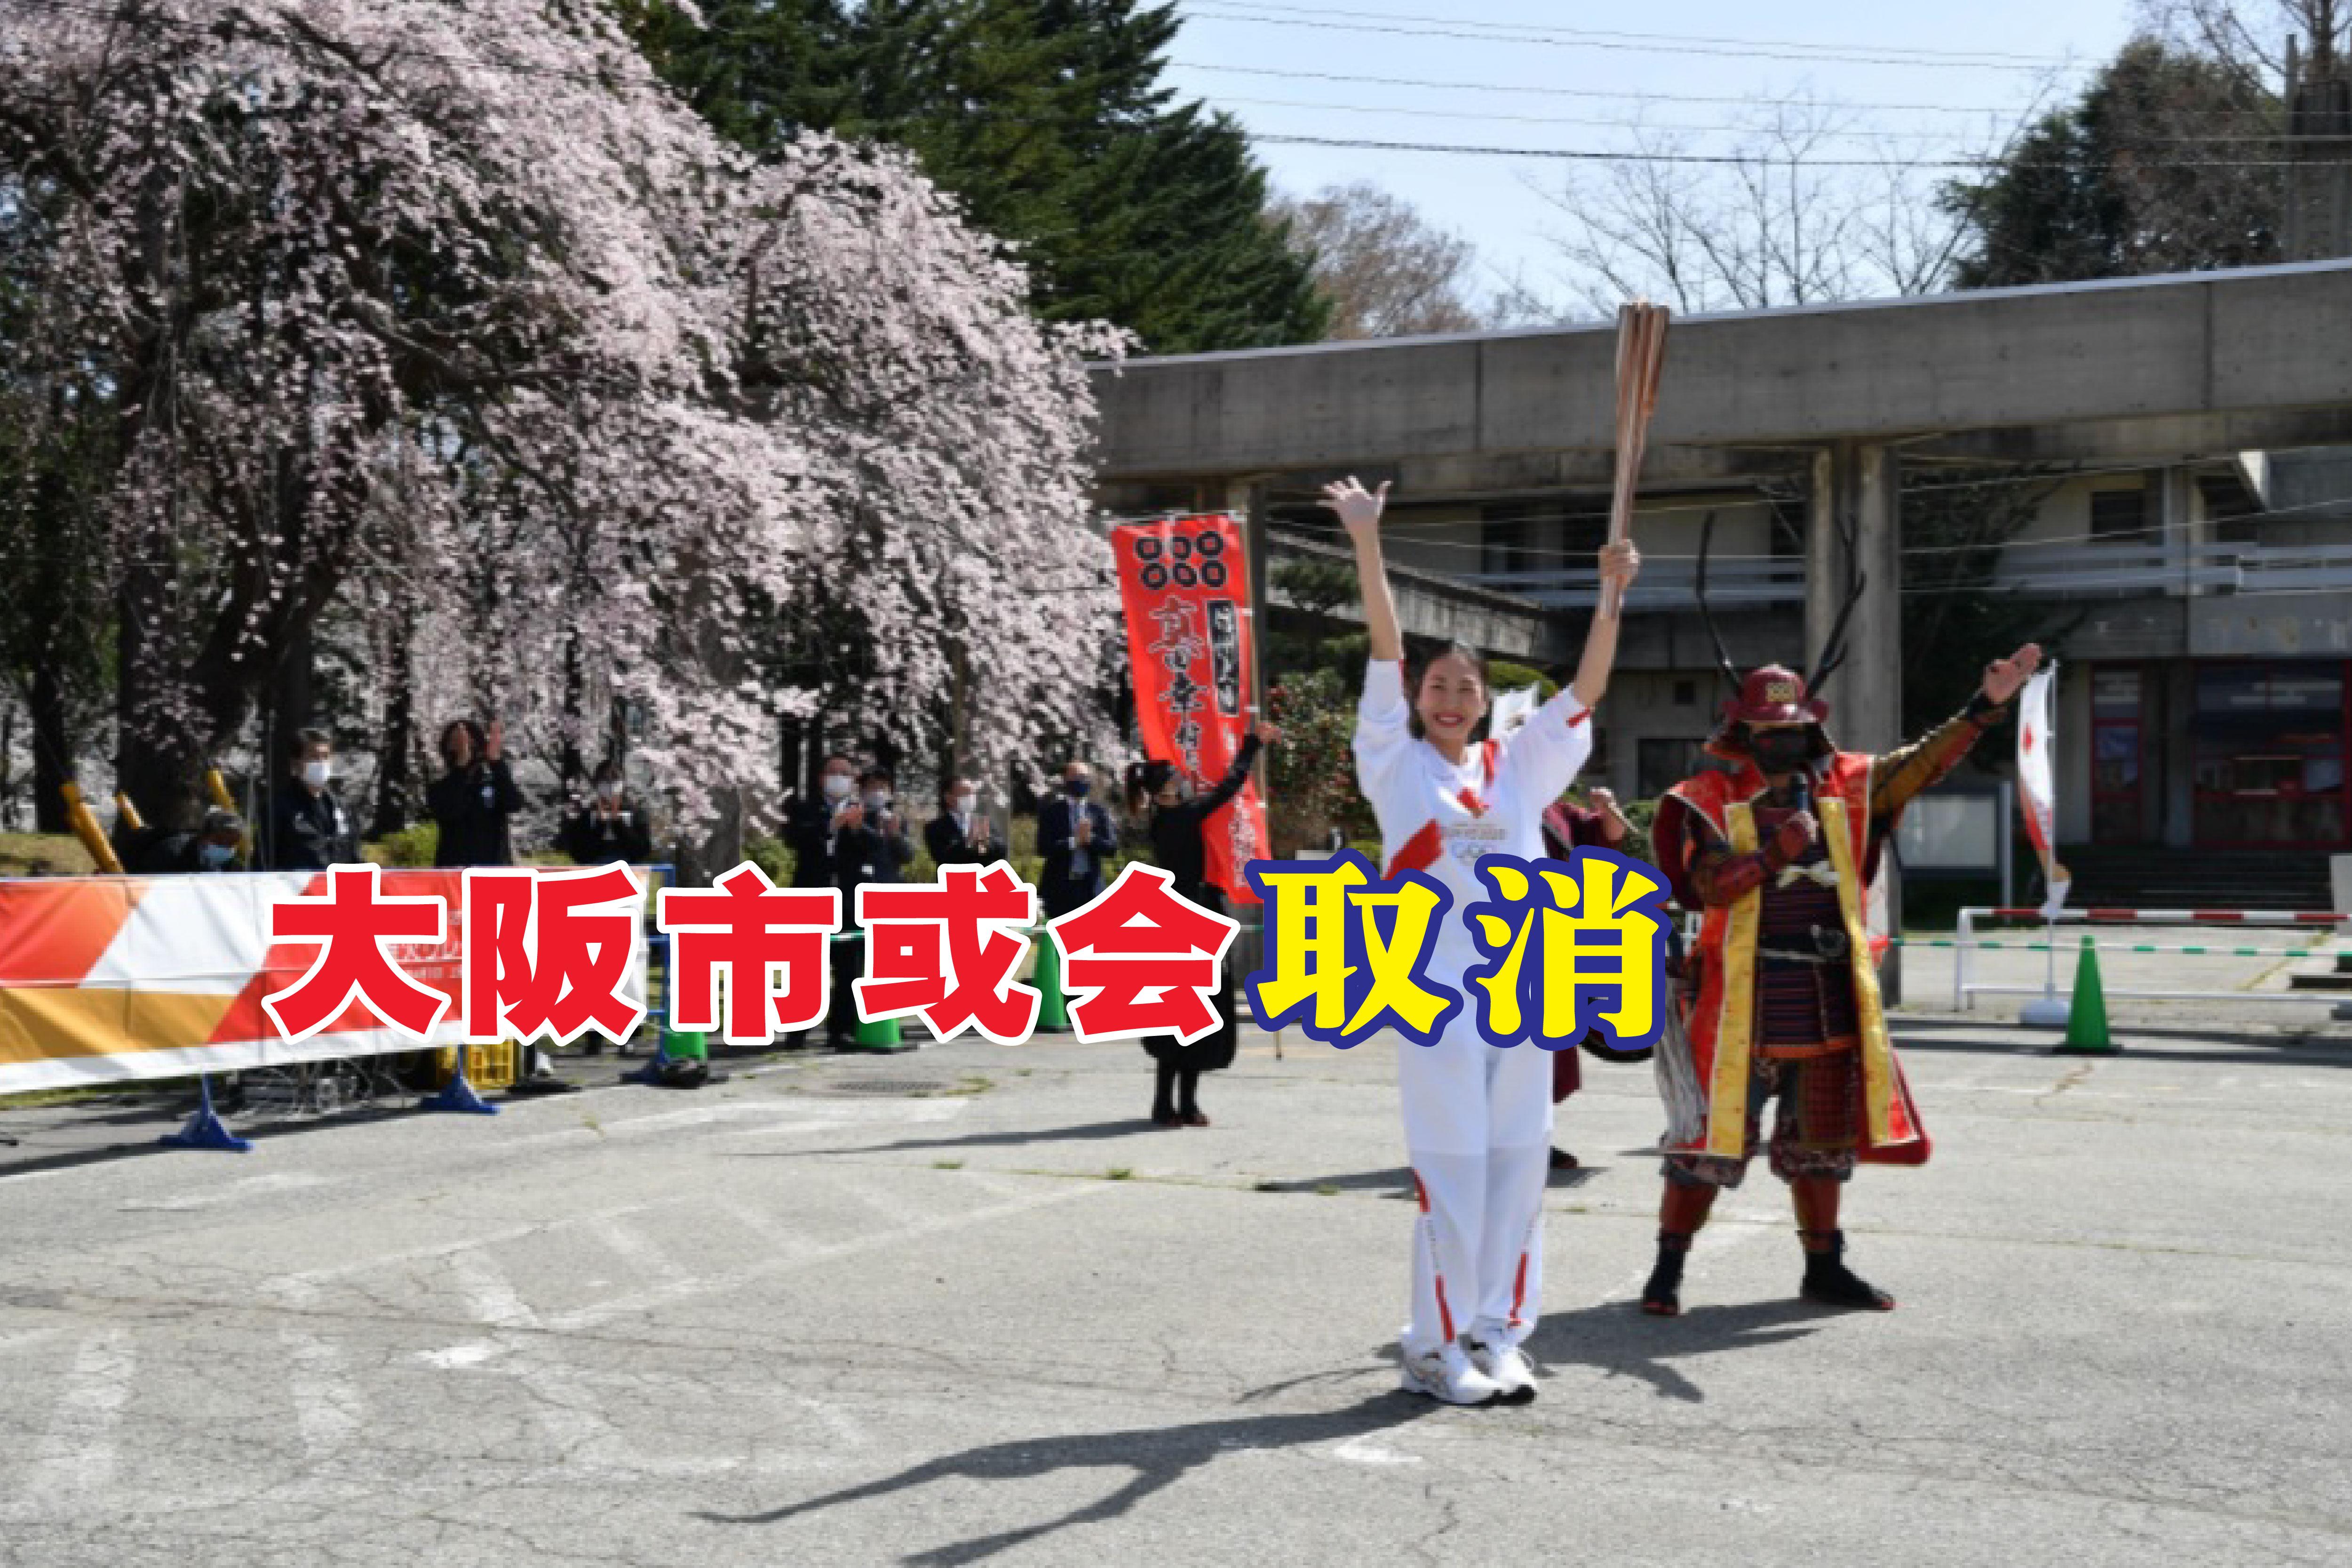 由于大阪的疫情紧绷,大阪府知事吉村洋文要求取消市内的火炬传递活动。-摘自东京奥运会官网/精彩大马制图-